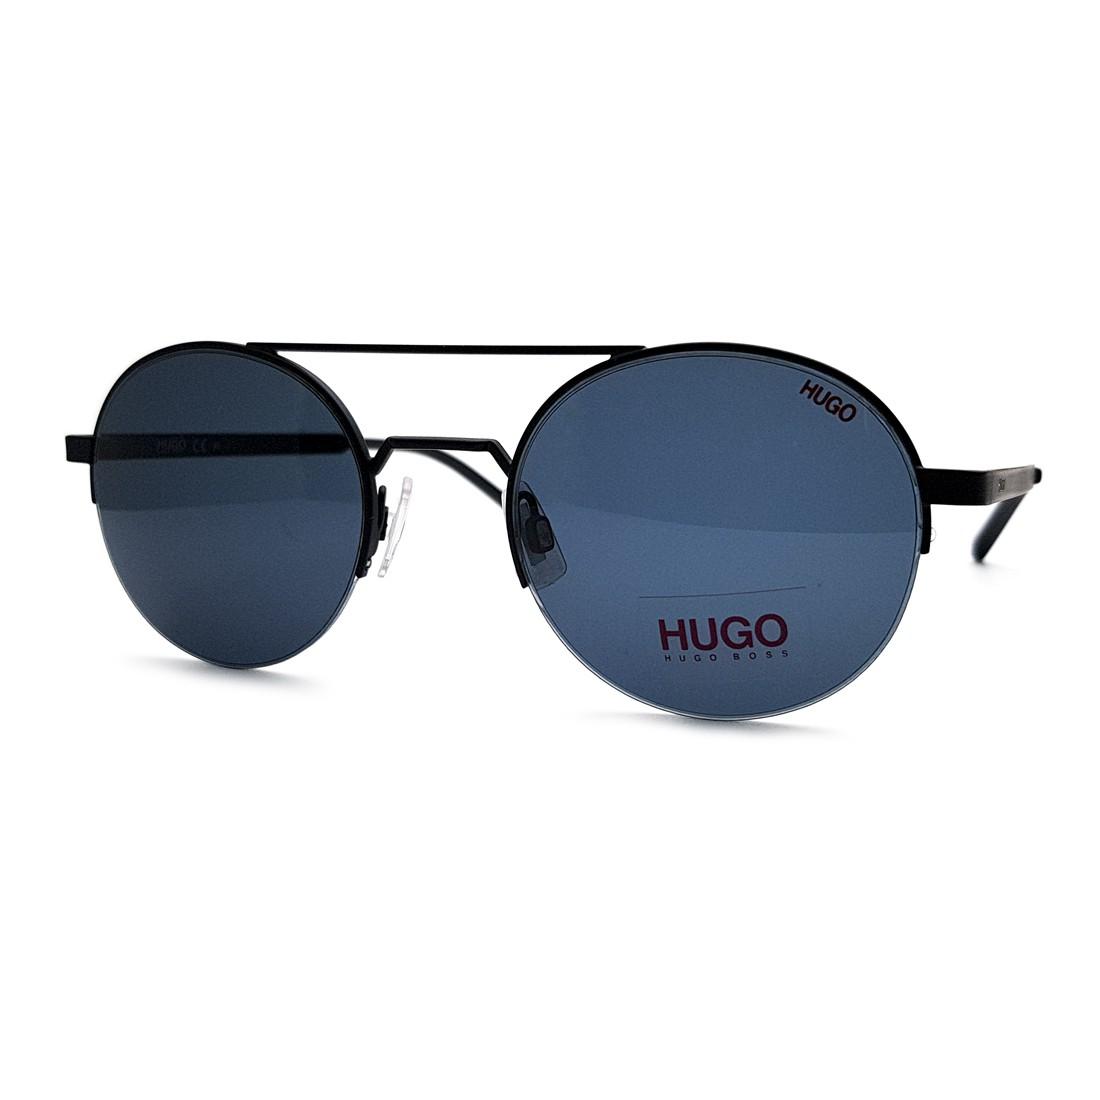 HUGO BOSS 1032S